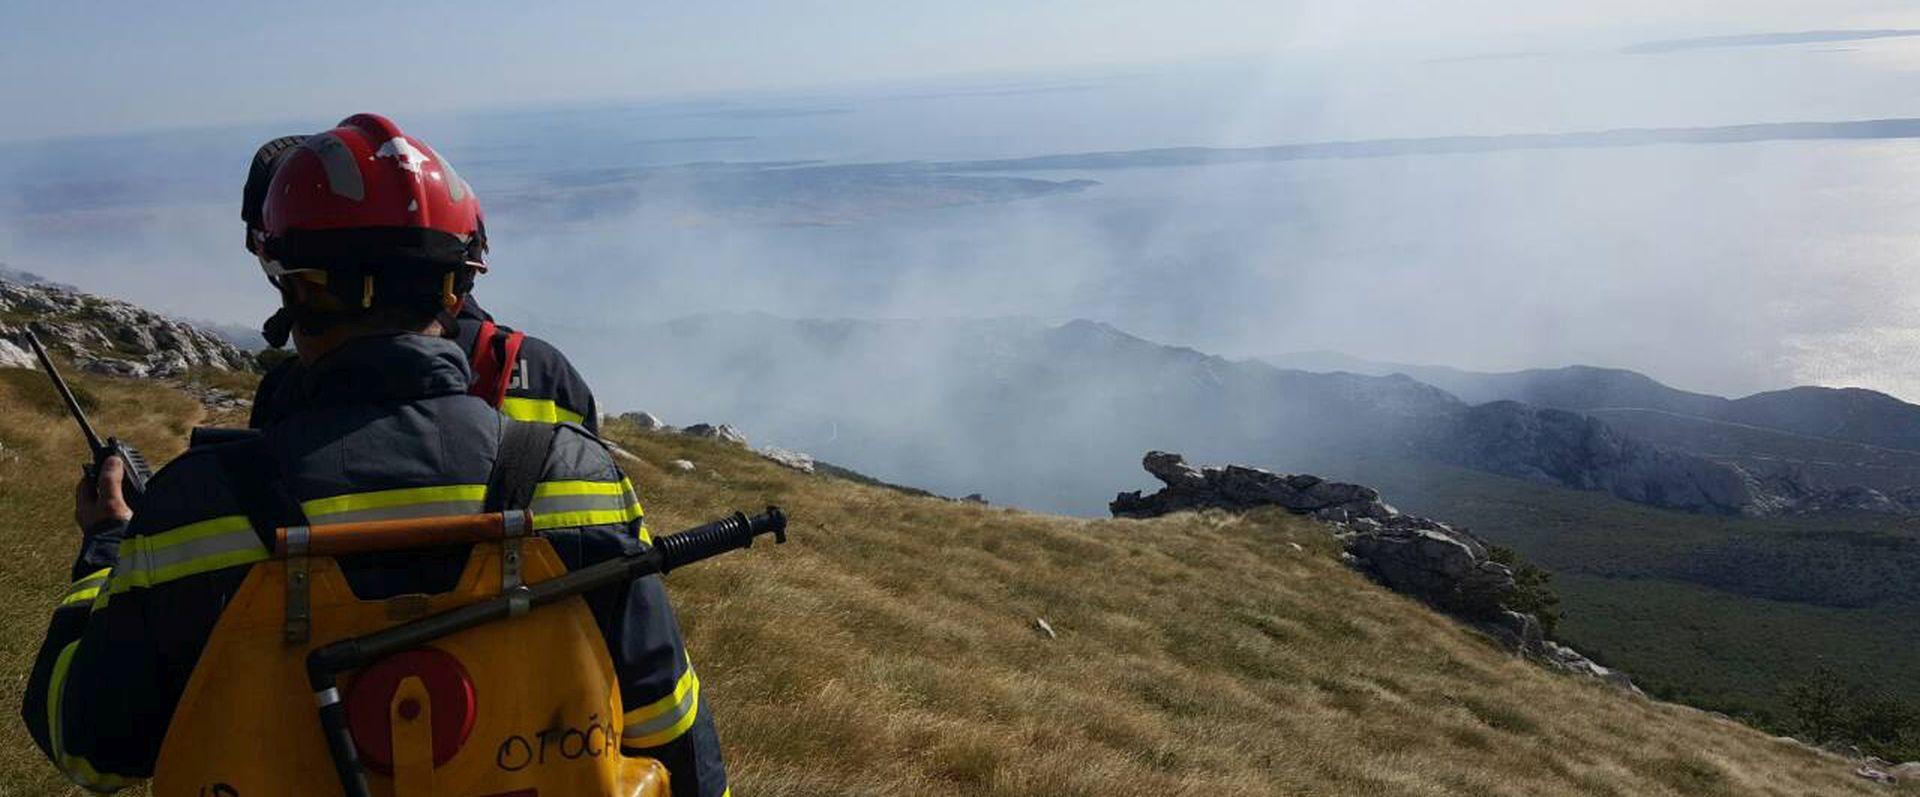 Sjeverni Velebit gori tjedan dana, nije ga ugasila niti kiša